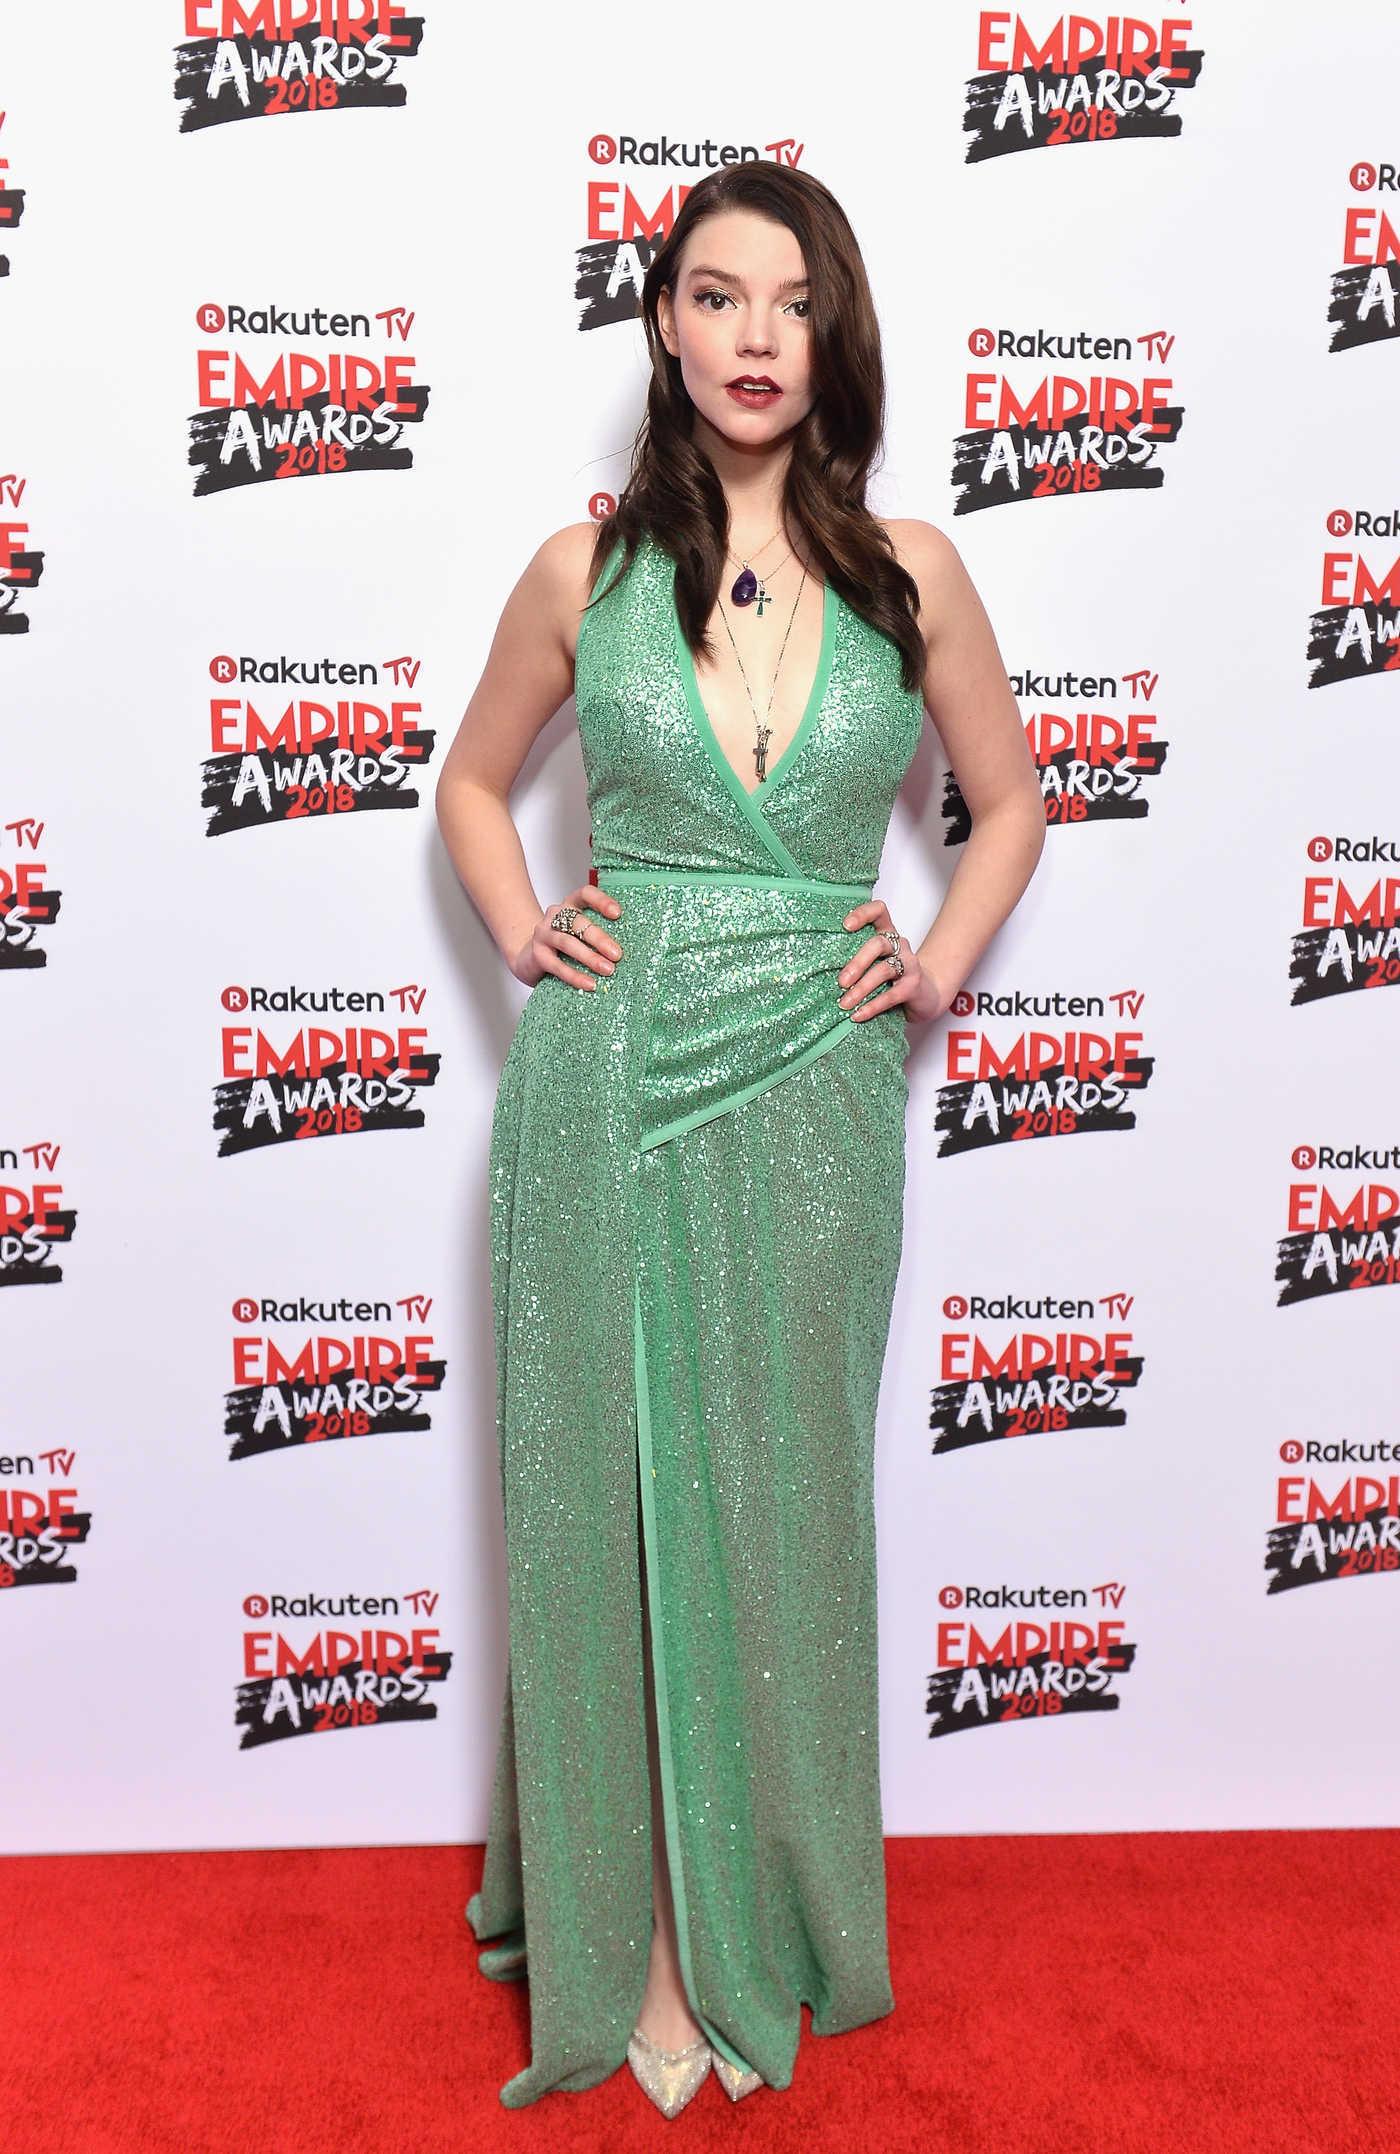 Anya Taylor-Joy at The Empire Film Awards in London 03/18/2018